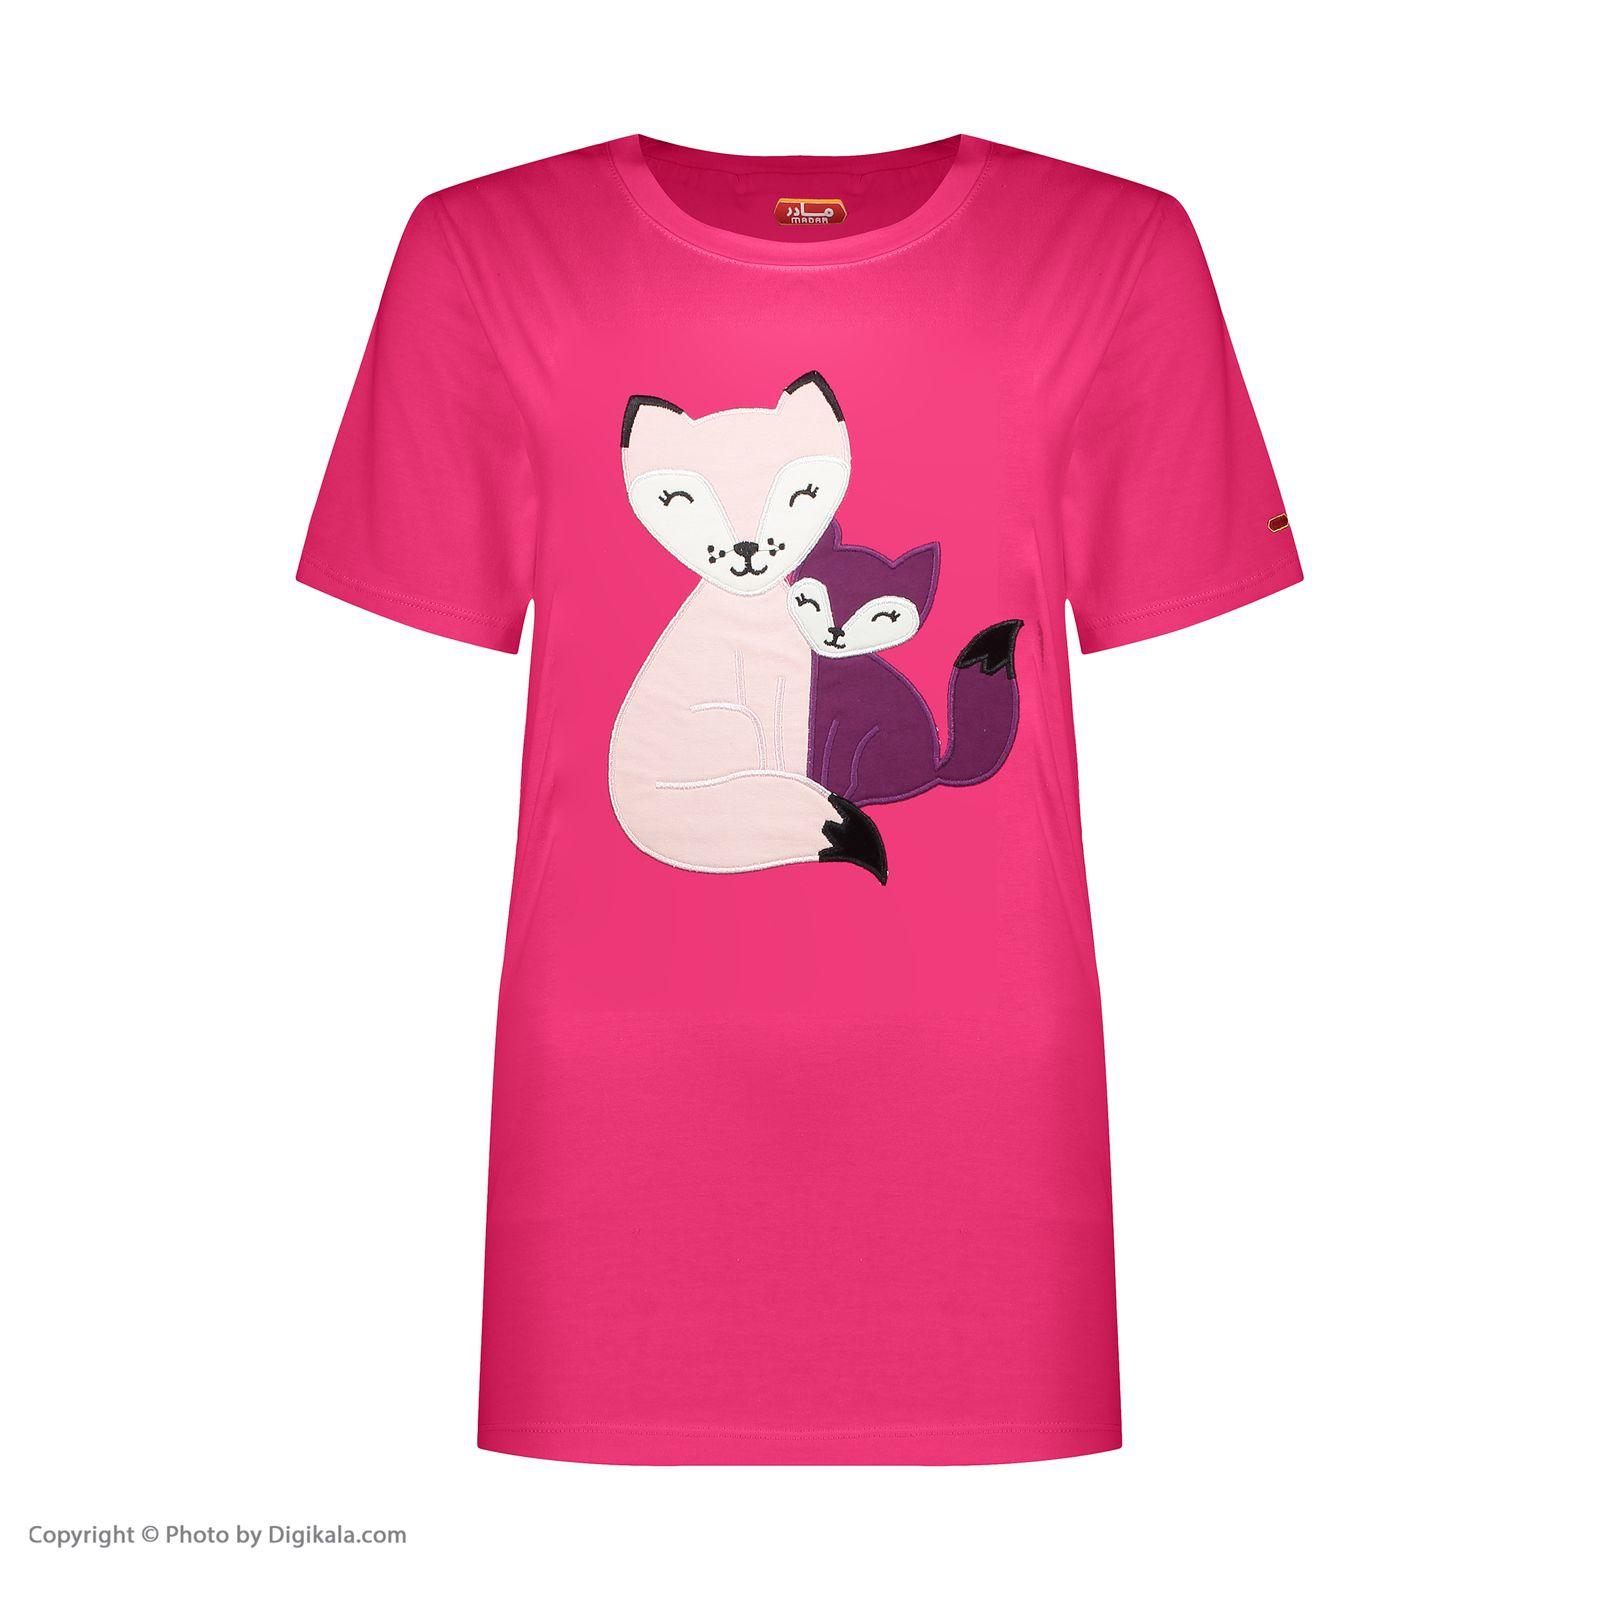 ست تی شرت و شلوار زنانه مادر مدل Billie410-66 -  - 4